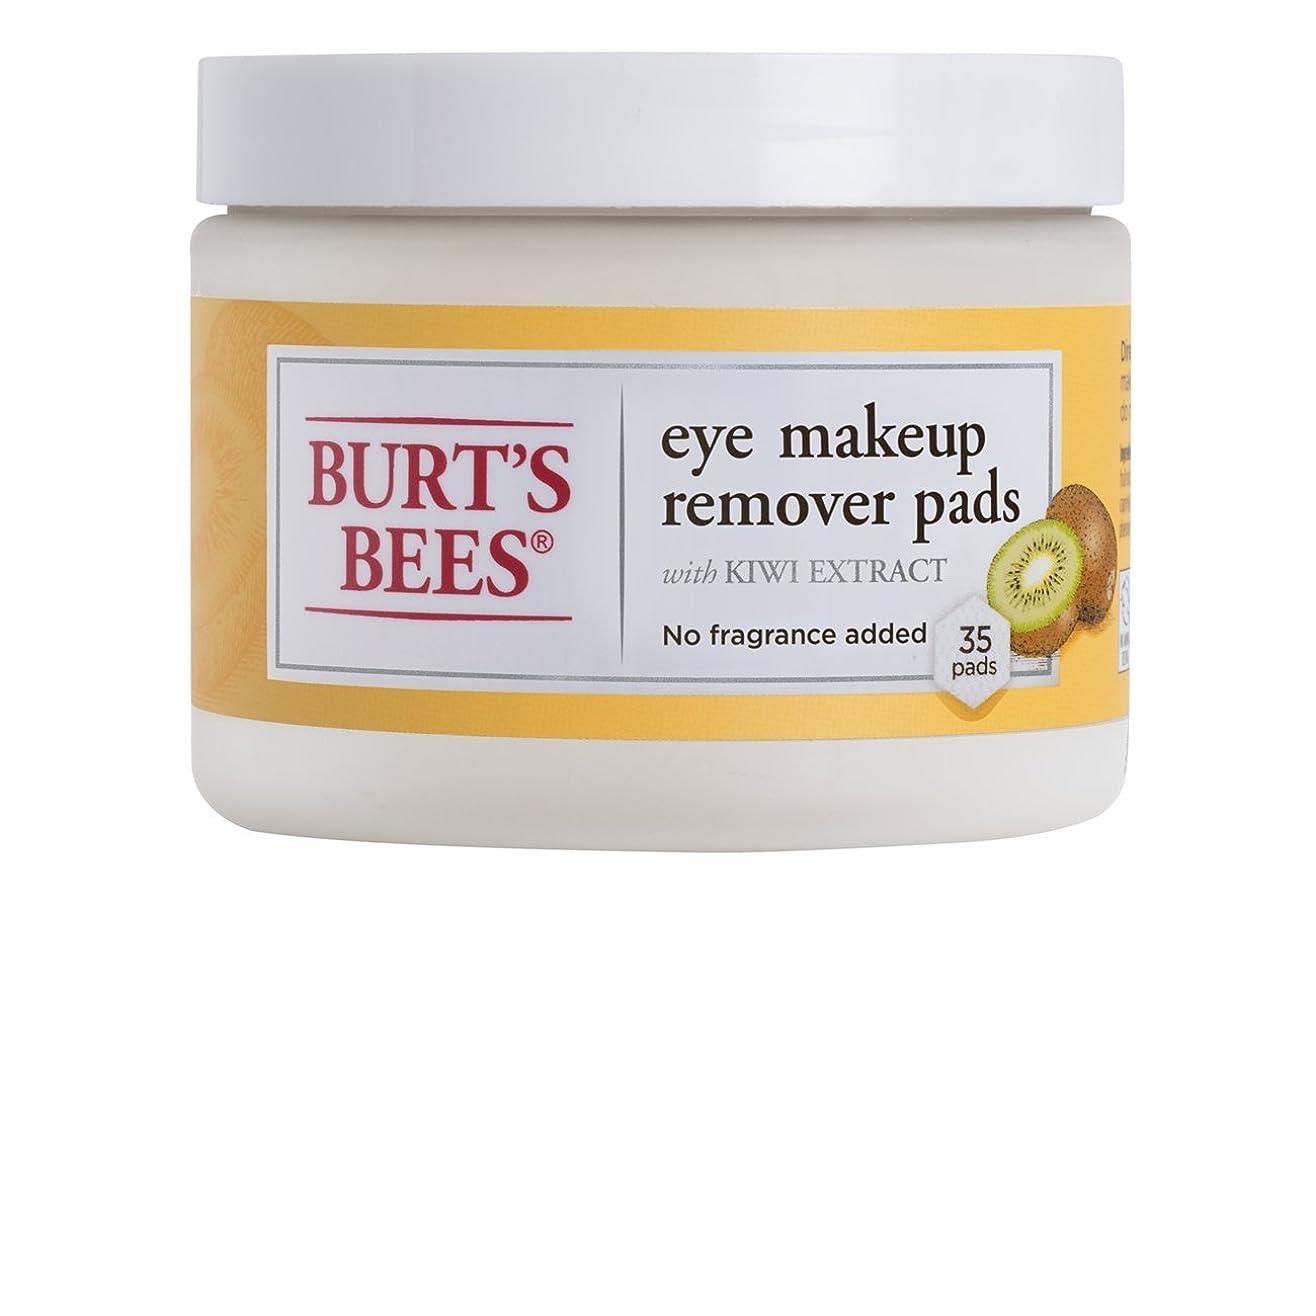 世界の窓思い出す凍るBurt's Bees アイメイクリムーバーパッド、35カウント